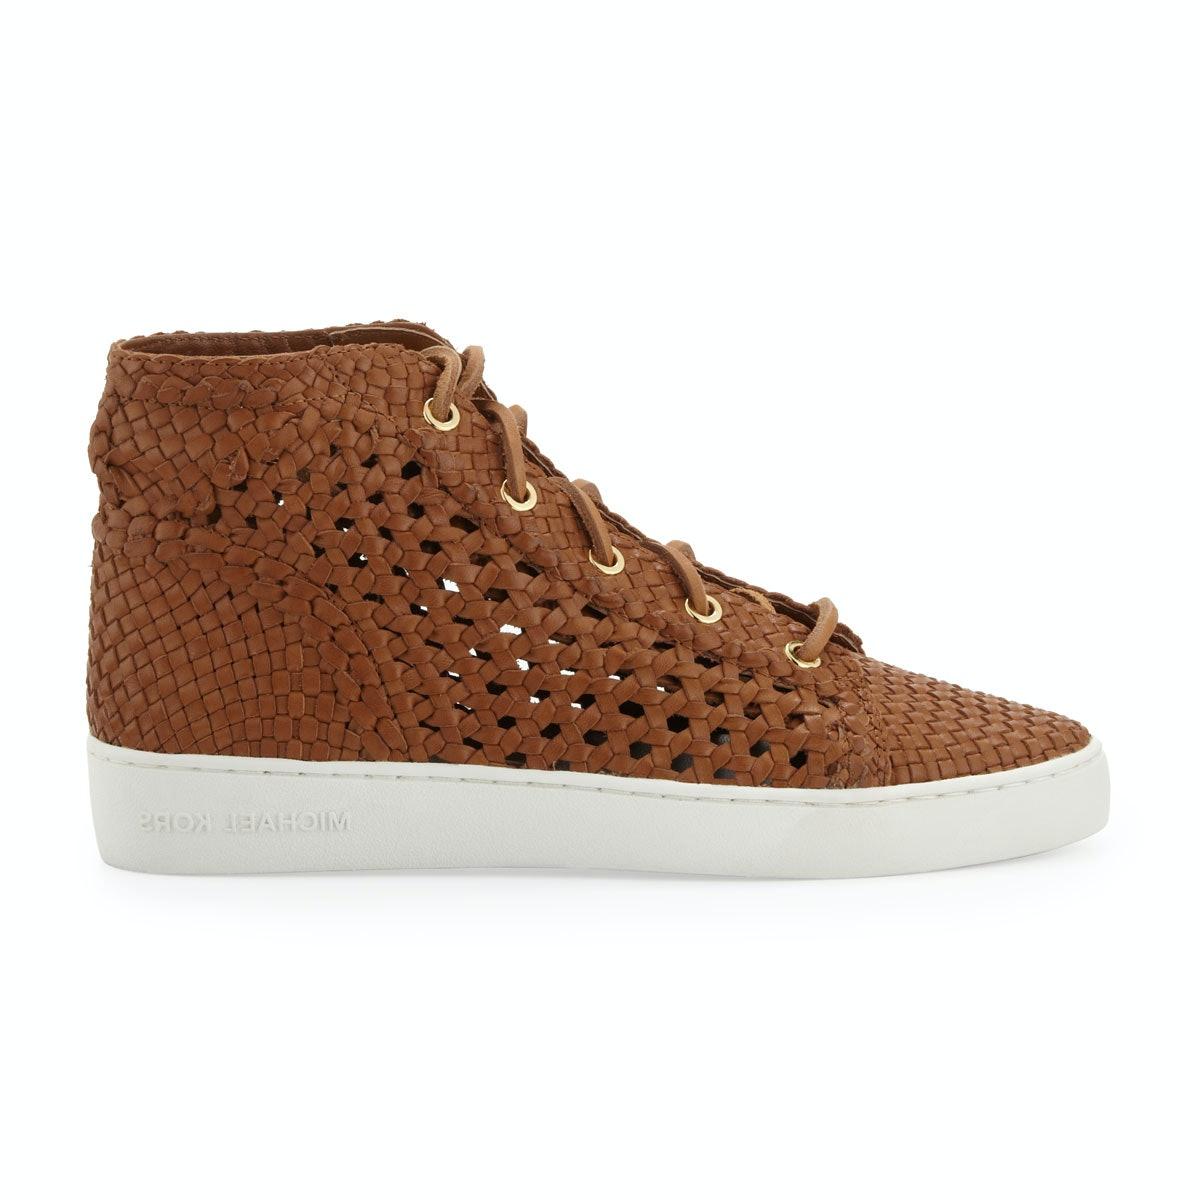 Michael Kors verna woven sneaker, $395, [neimanmarcus.com](http://www.neimanmarcus.com/Michael-Kors-...